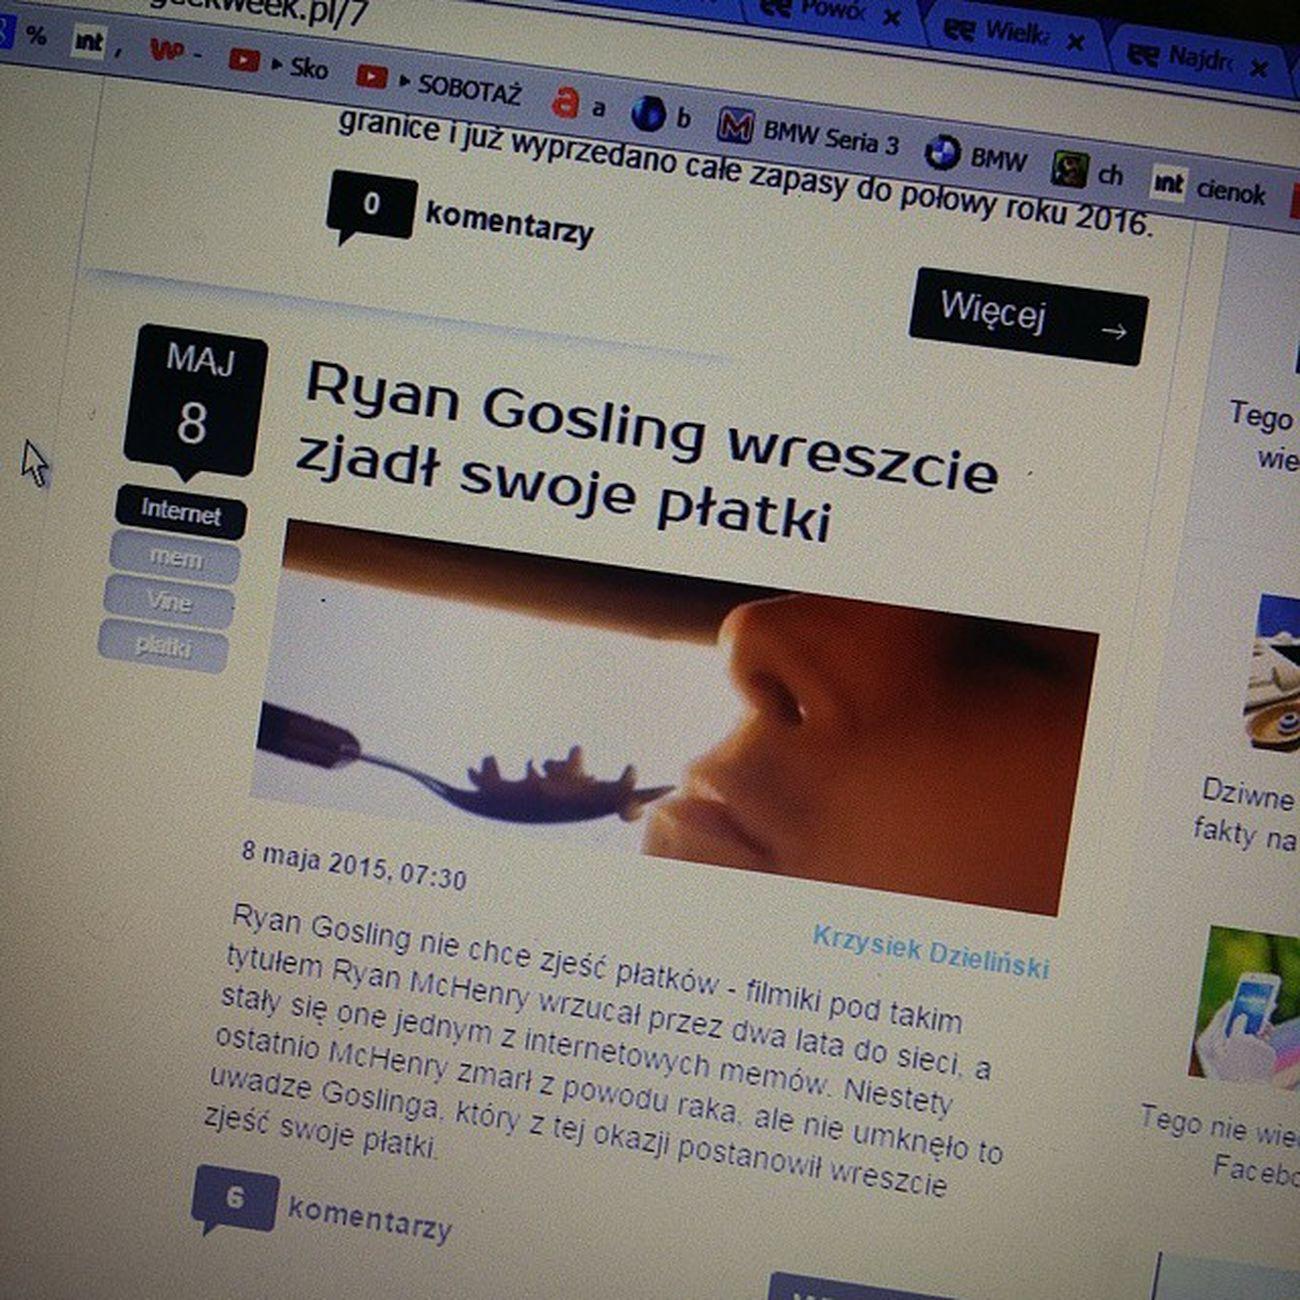 O Ja Pierdole Internet Taki Ciekawy Płatki Geekweek Ciekawostki Nowinki Ryan Gosling Zjadł Nudy Japitole